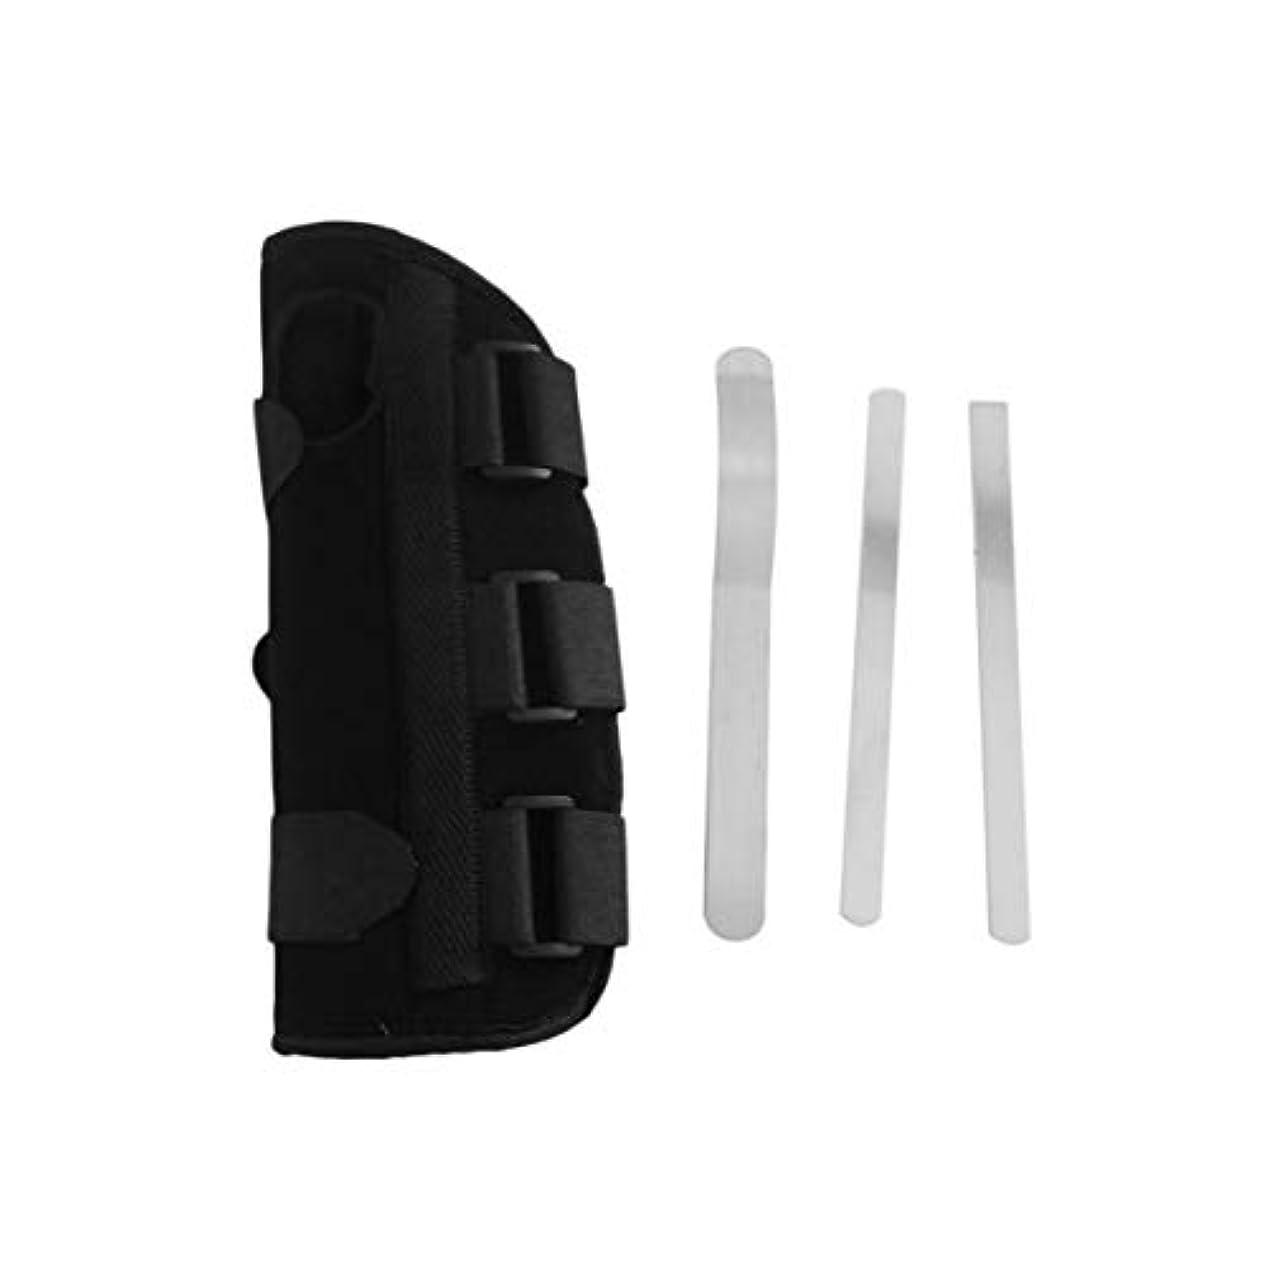 アマチュア直感みがきます手首副木ブレース保護サポートストラップカルペルトンネルCTS RSI痛み軽減取り外し可能な副木快適な軽量ストラップ - ブラックS